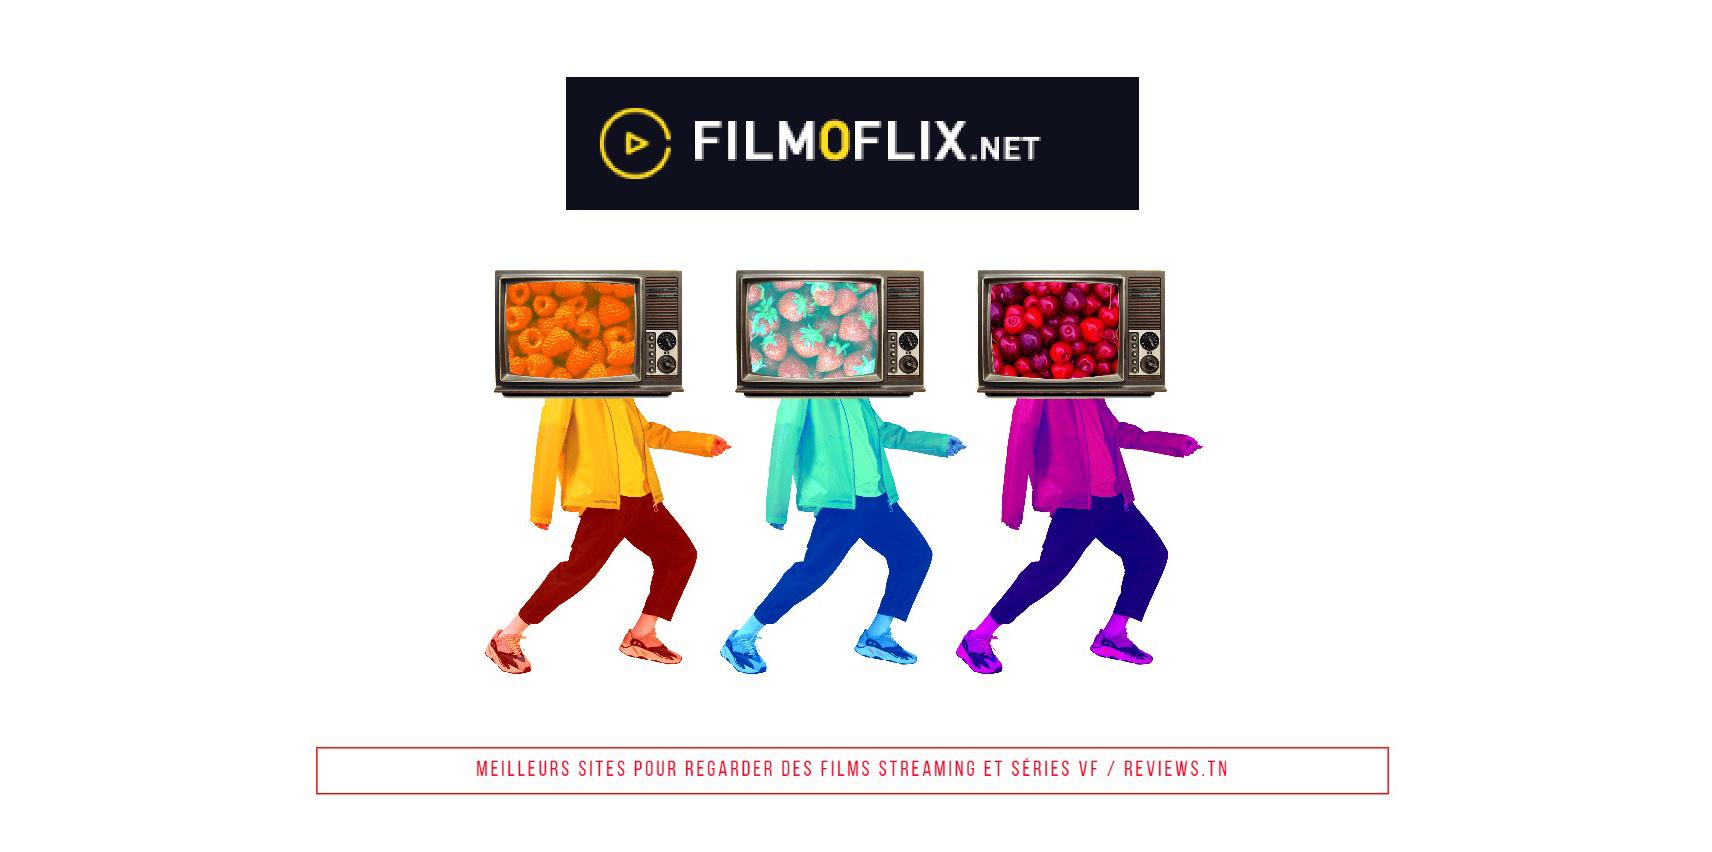 Filmoflix : 21 Meilleurs Sites pour Regarder des Films Streaming et Séries VF